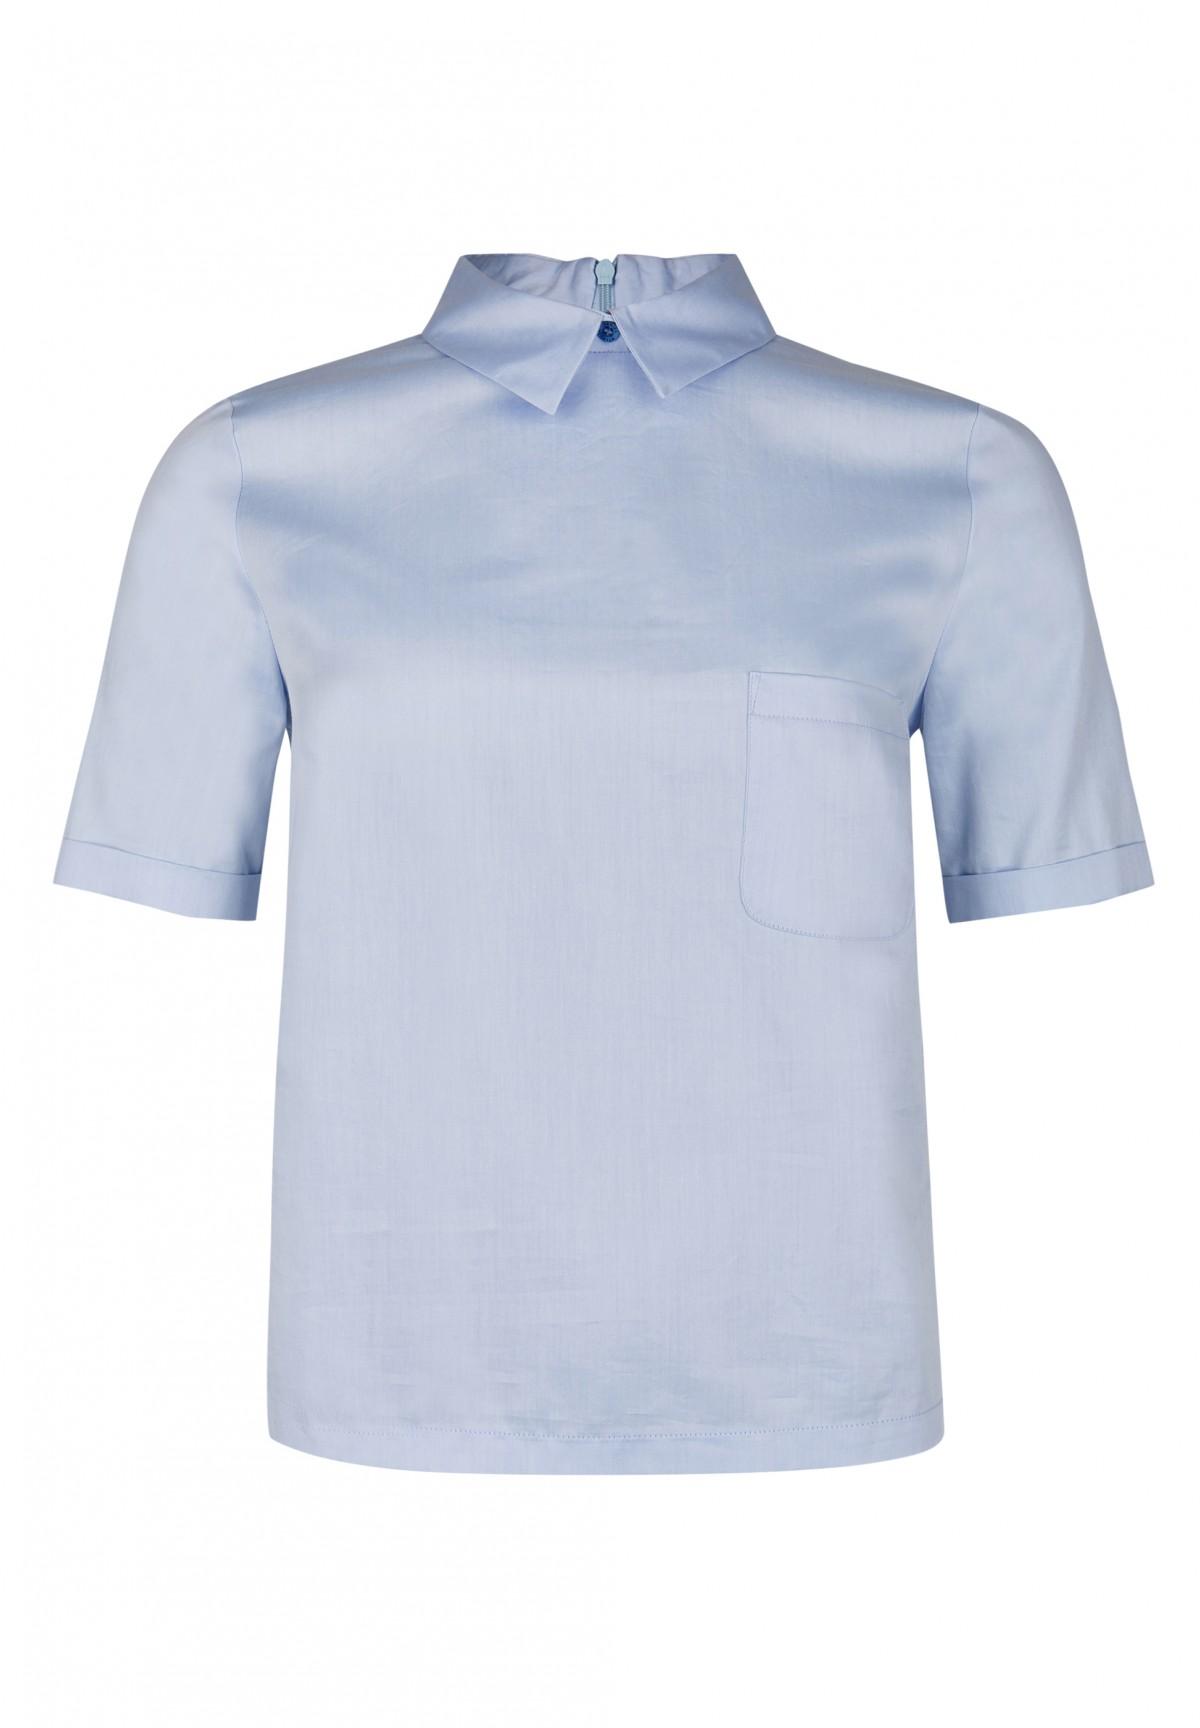 Modernes Shirt mit Brusttasche / Blouse